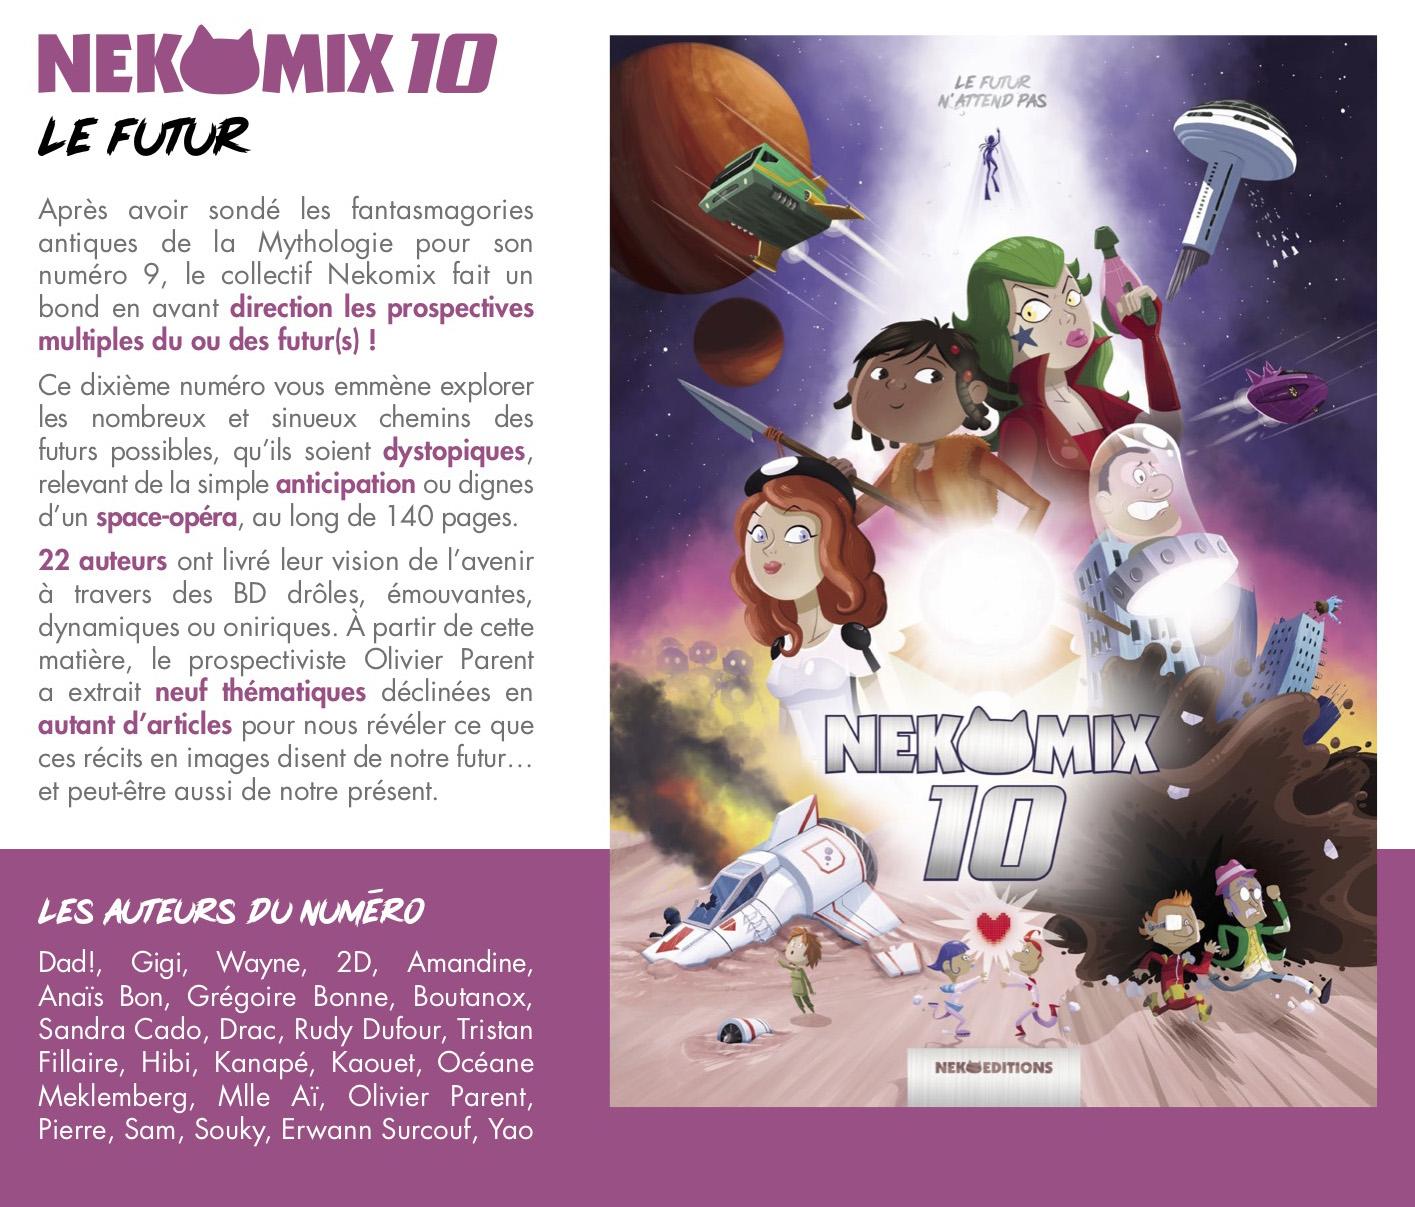 Nekomix n°10 : Le futur n'attend pas !